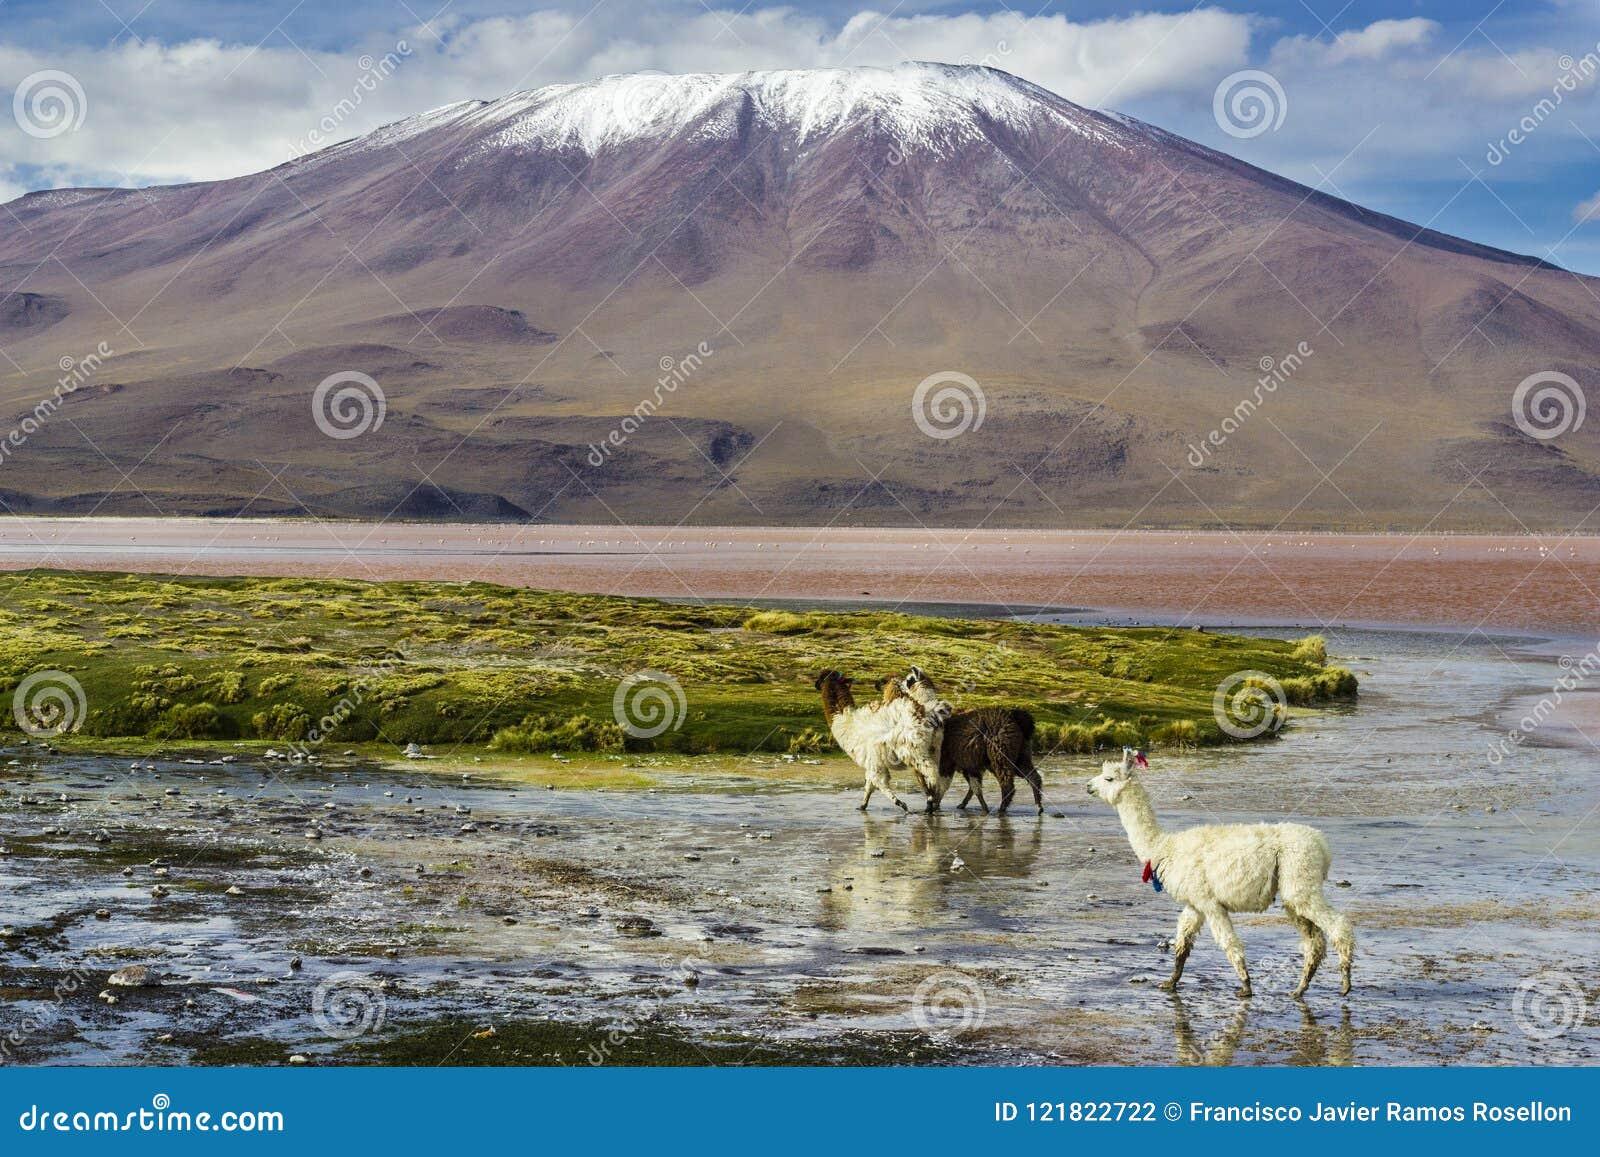 Γύρος Uyuni γύρω από τις λίμνες και τα ηφαίστεια των βολιβιανών Άνδεων ένα καταπληκτικό ταξίδι